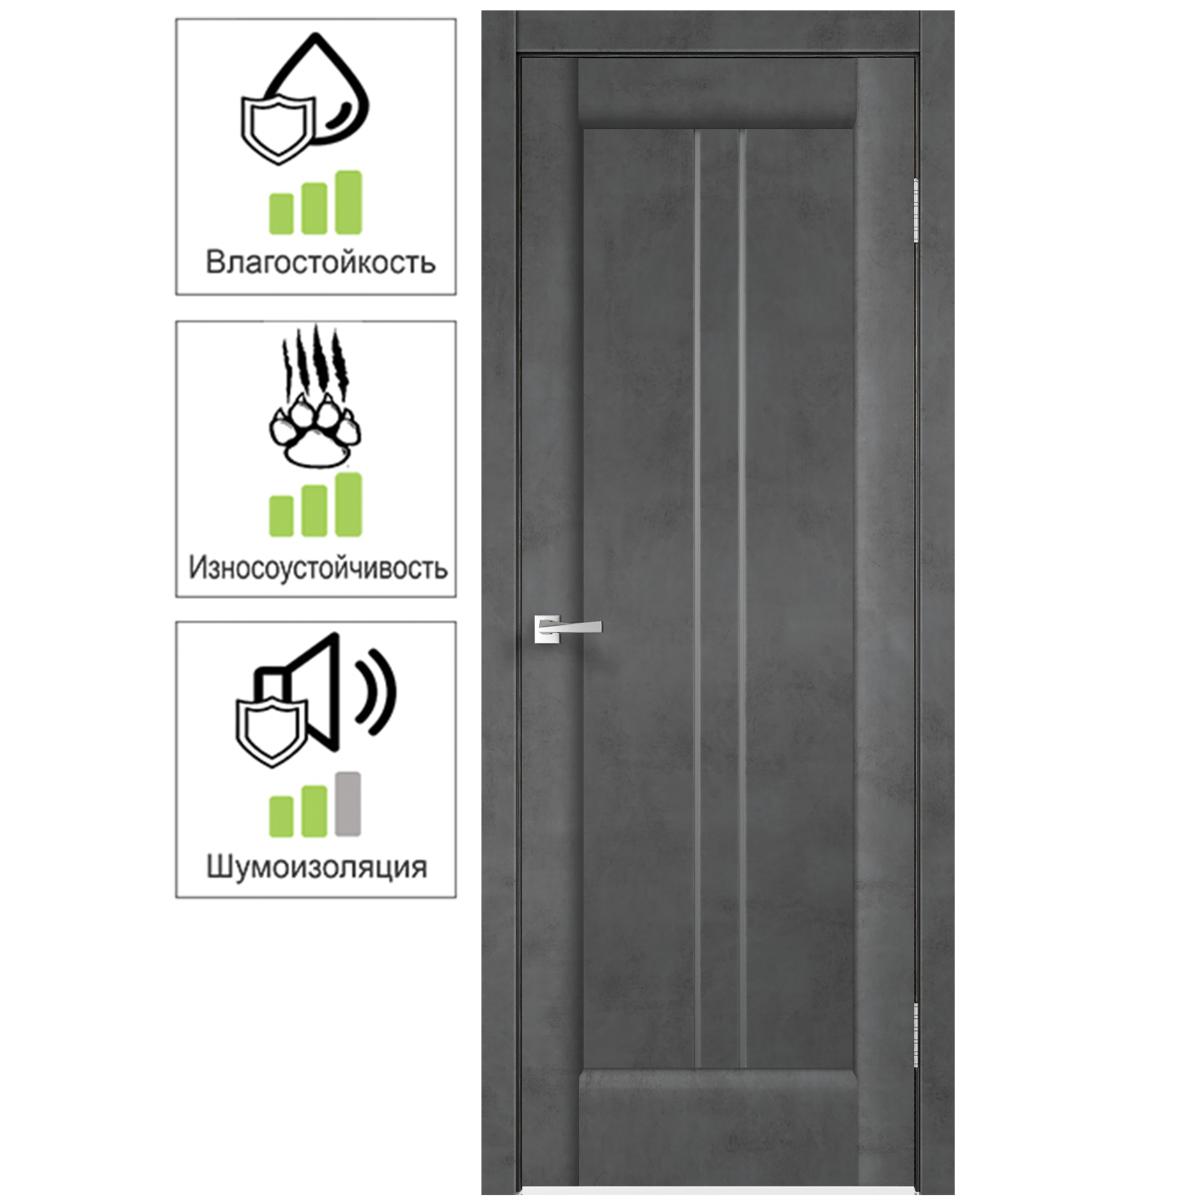 Дверь межкомнатная остеклённая «Сиэтл» 90x200 см ПВХ цвет лофт тёмный с фурнитурой